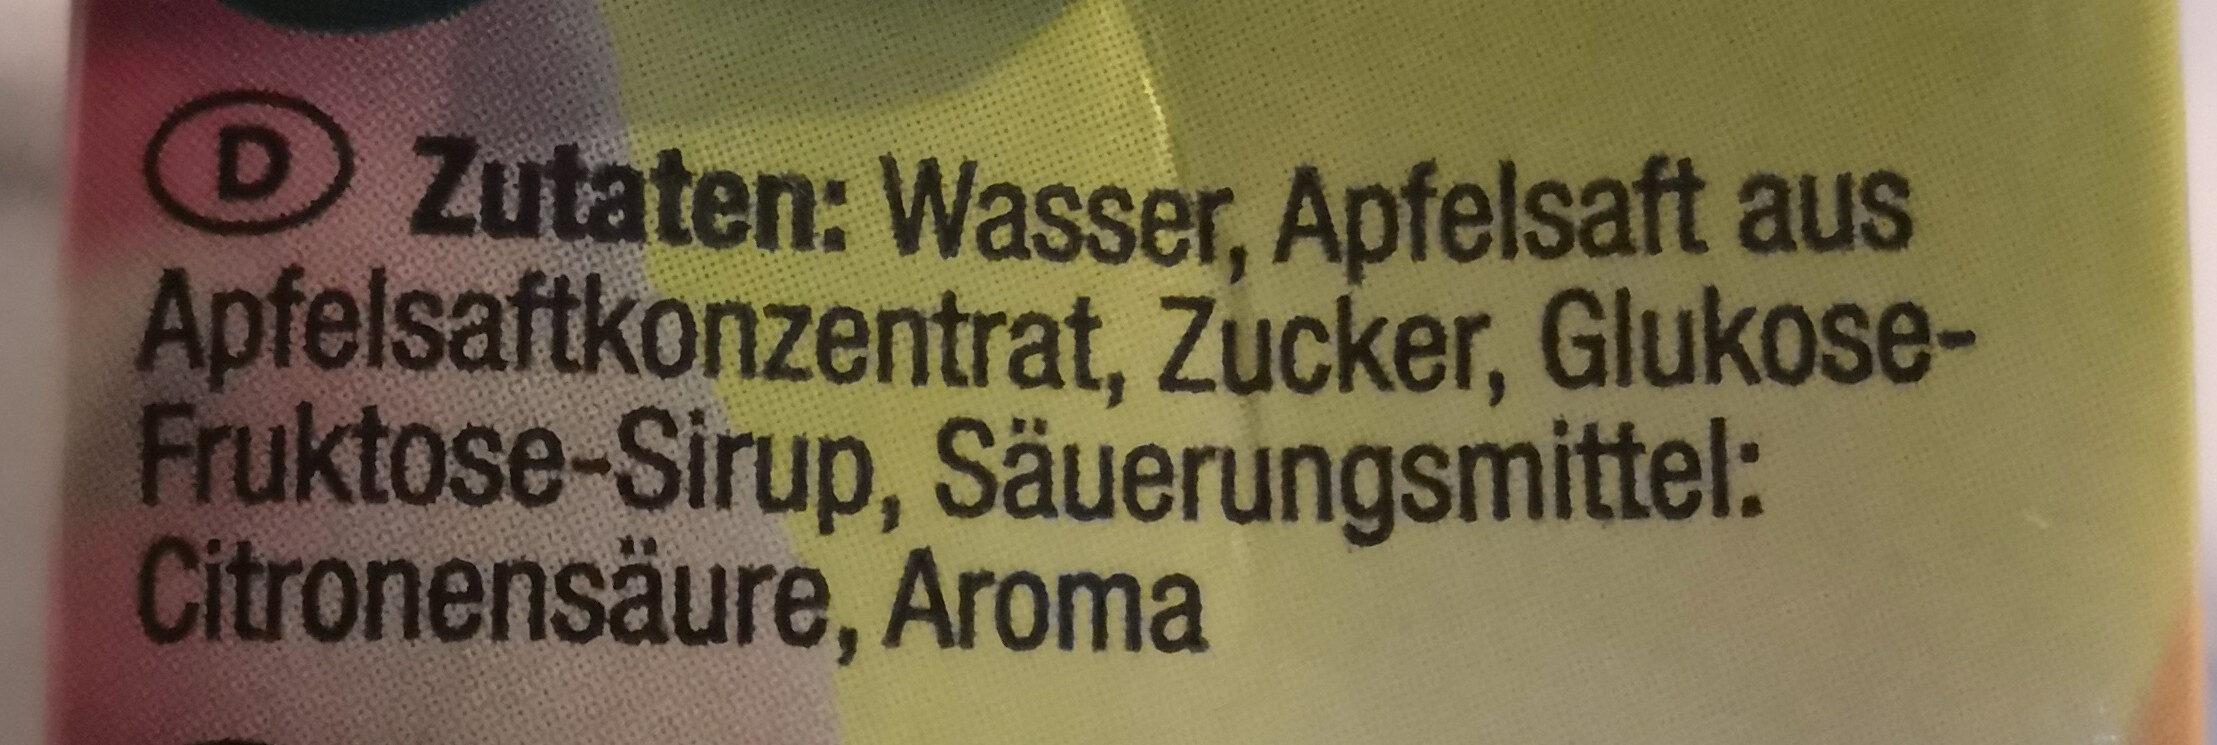 Apfel Erfrischungsgetränk - Zutaten - de